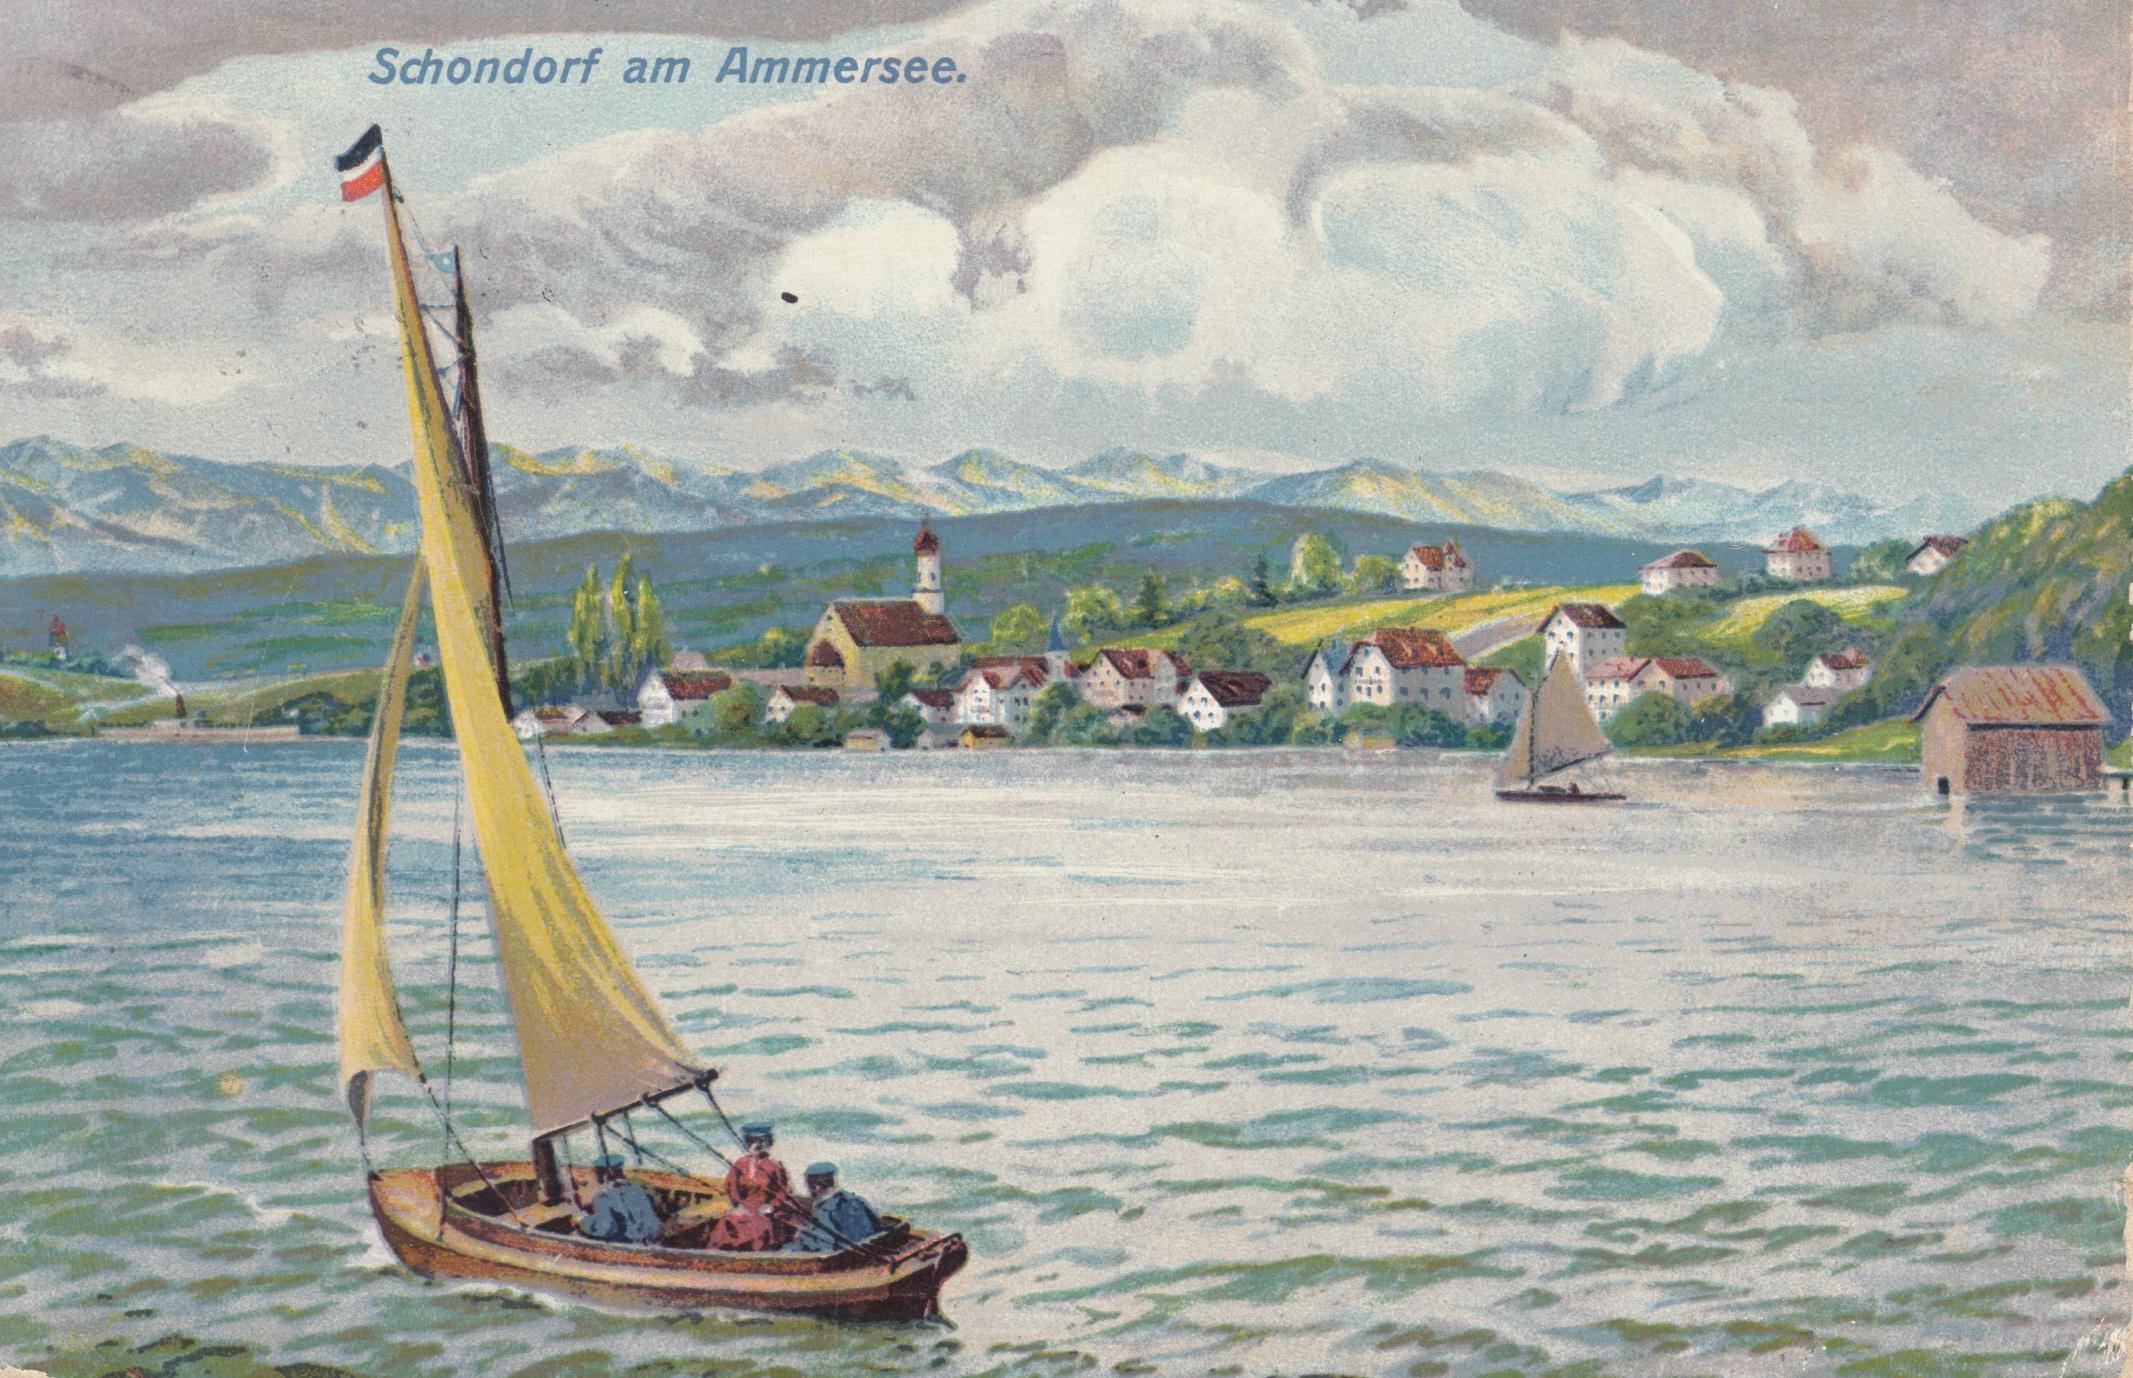 Ansichtskarte mit Segelschiff auf dem Ammersee